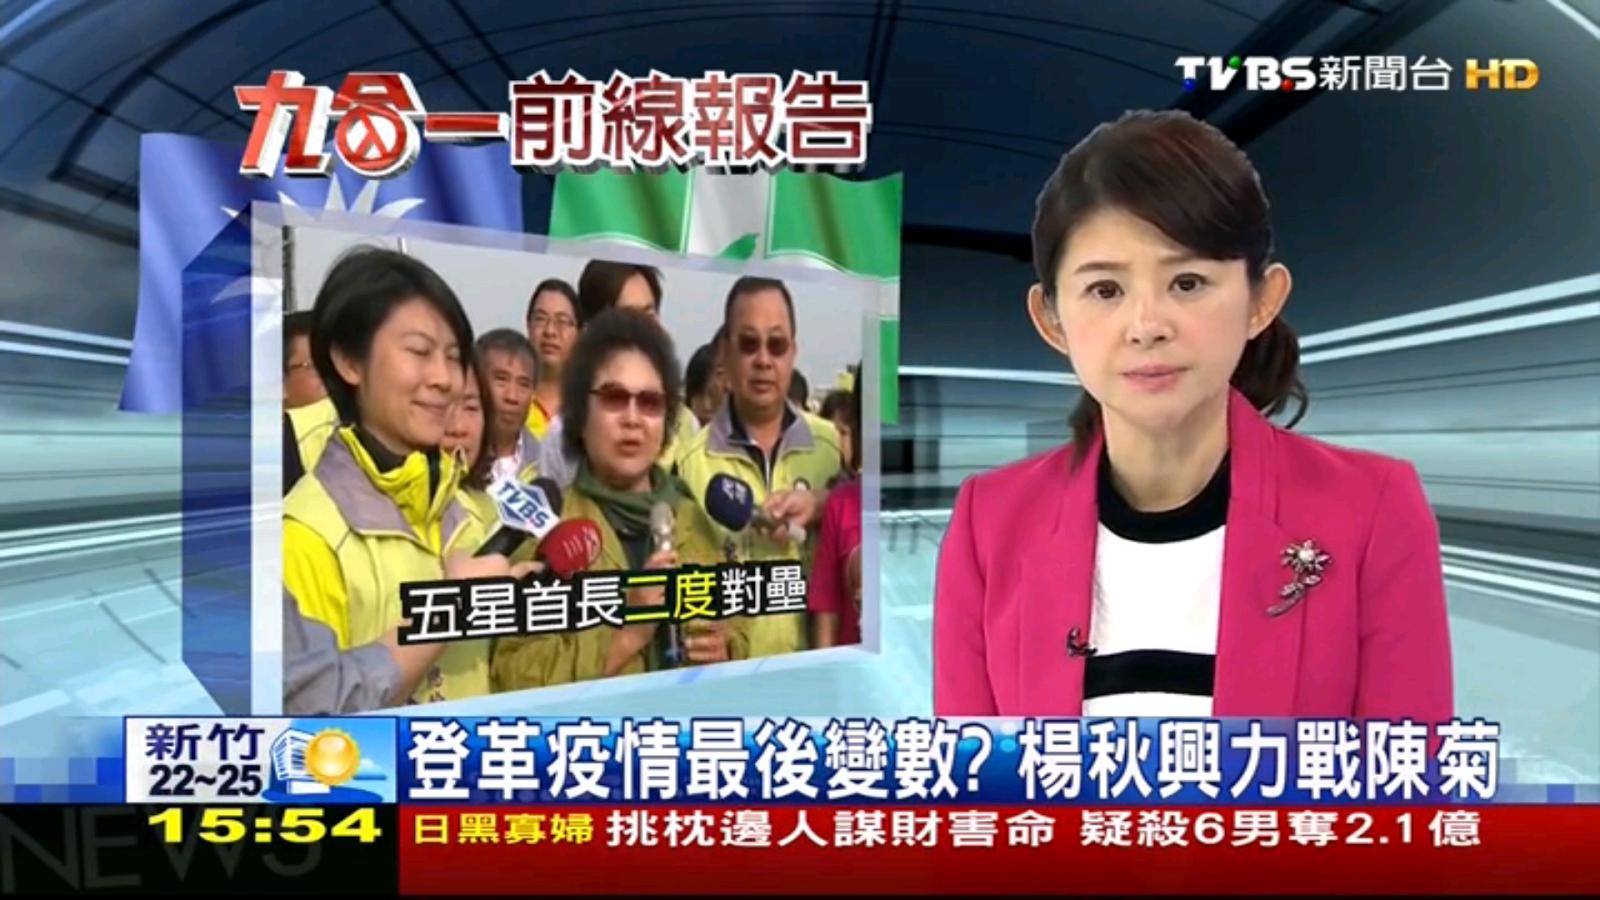 台灣好直播電視 - screenshot